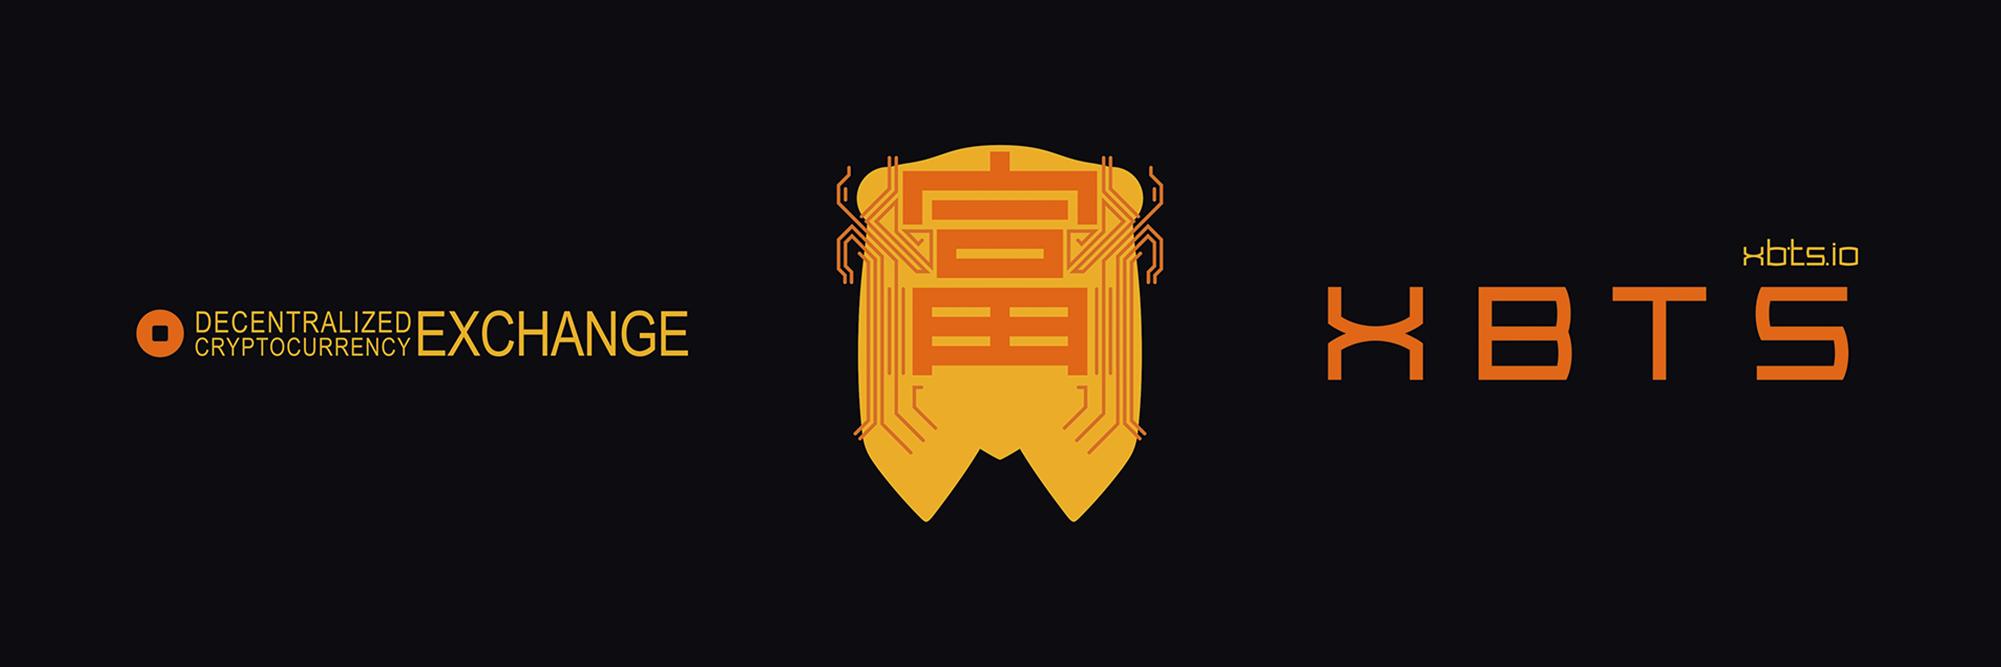 XBTS DEX Exchange Desktop banner